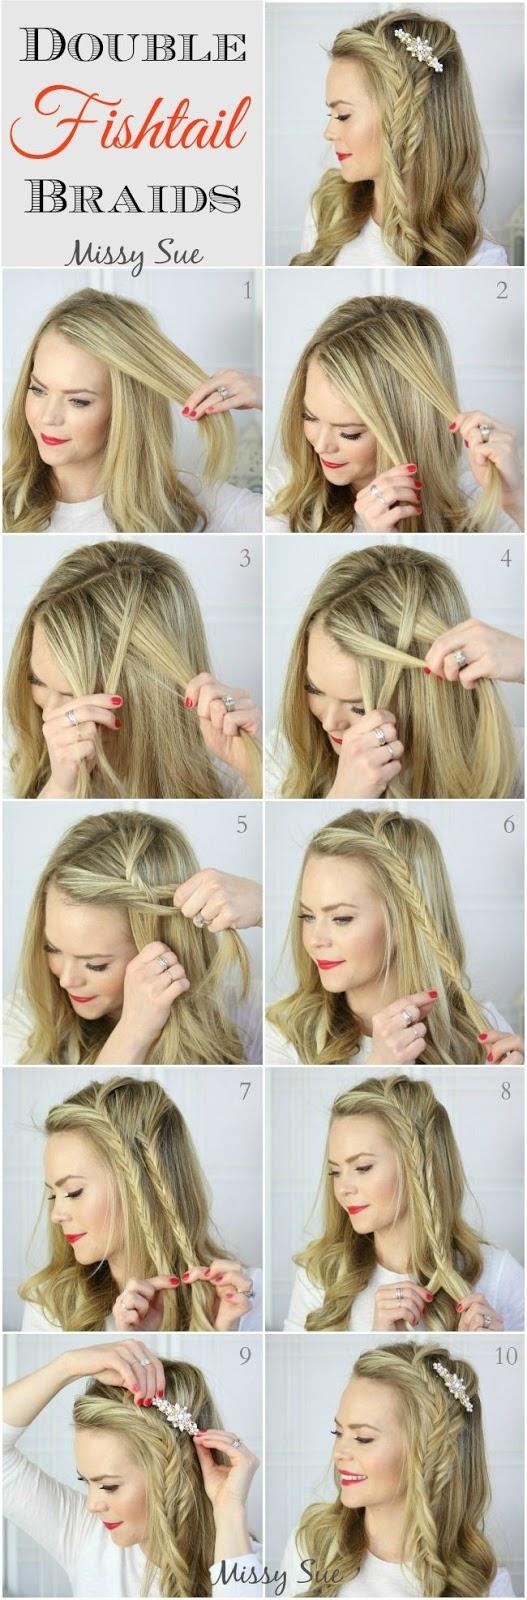 5 Peinados Faciles Con Trenzas Francesas Paso A Paso Peinados Faciles